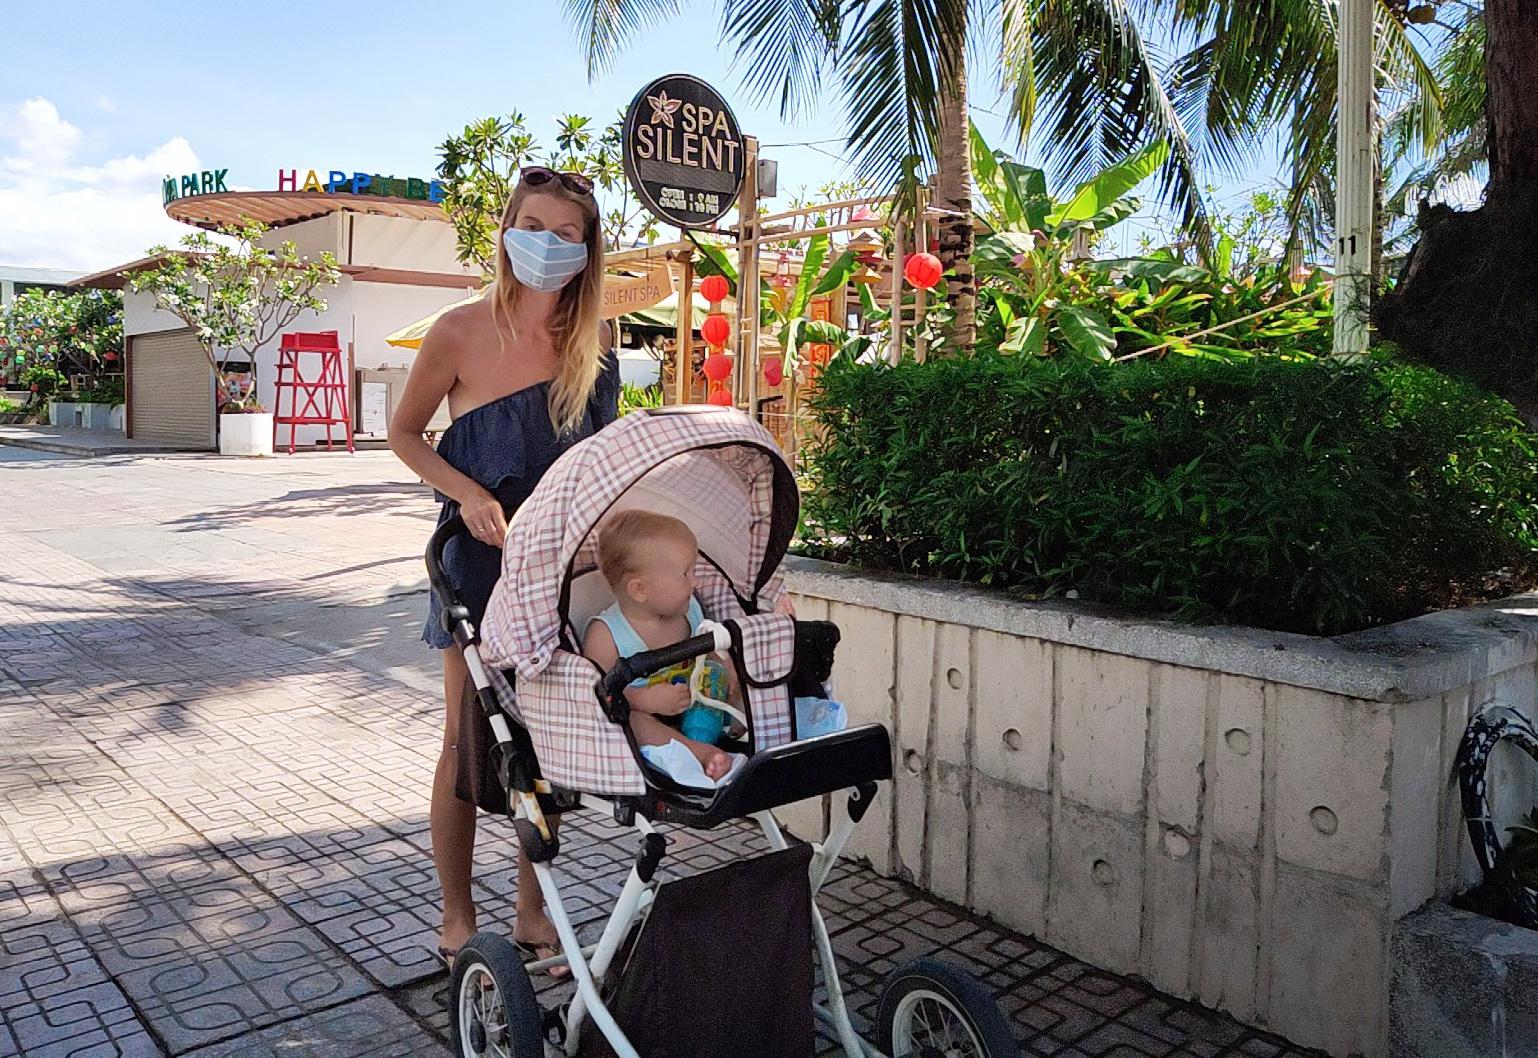 Du khách đeo khẩu trang tập luyện thể thao khi Nha Trang tạm ngừng tắm biển và đóng cửa các điểm vui chơi - Ảnh 7.